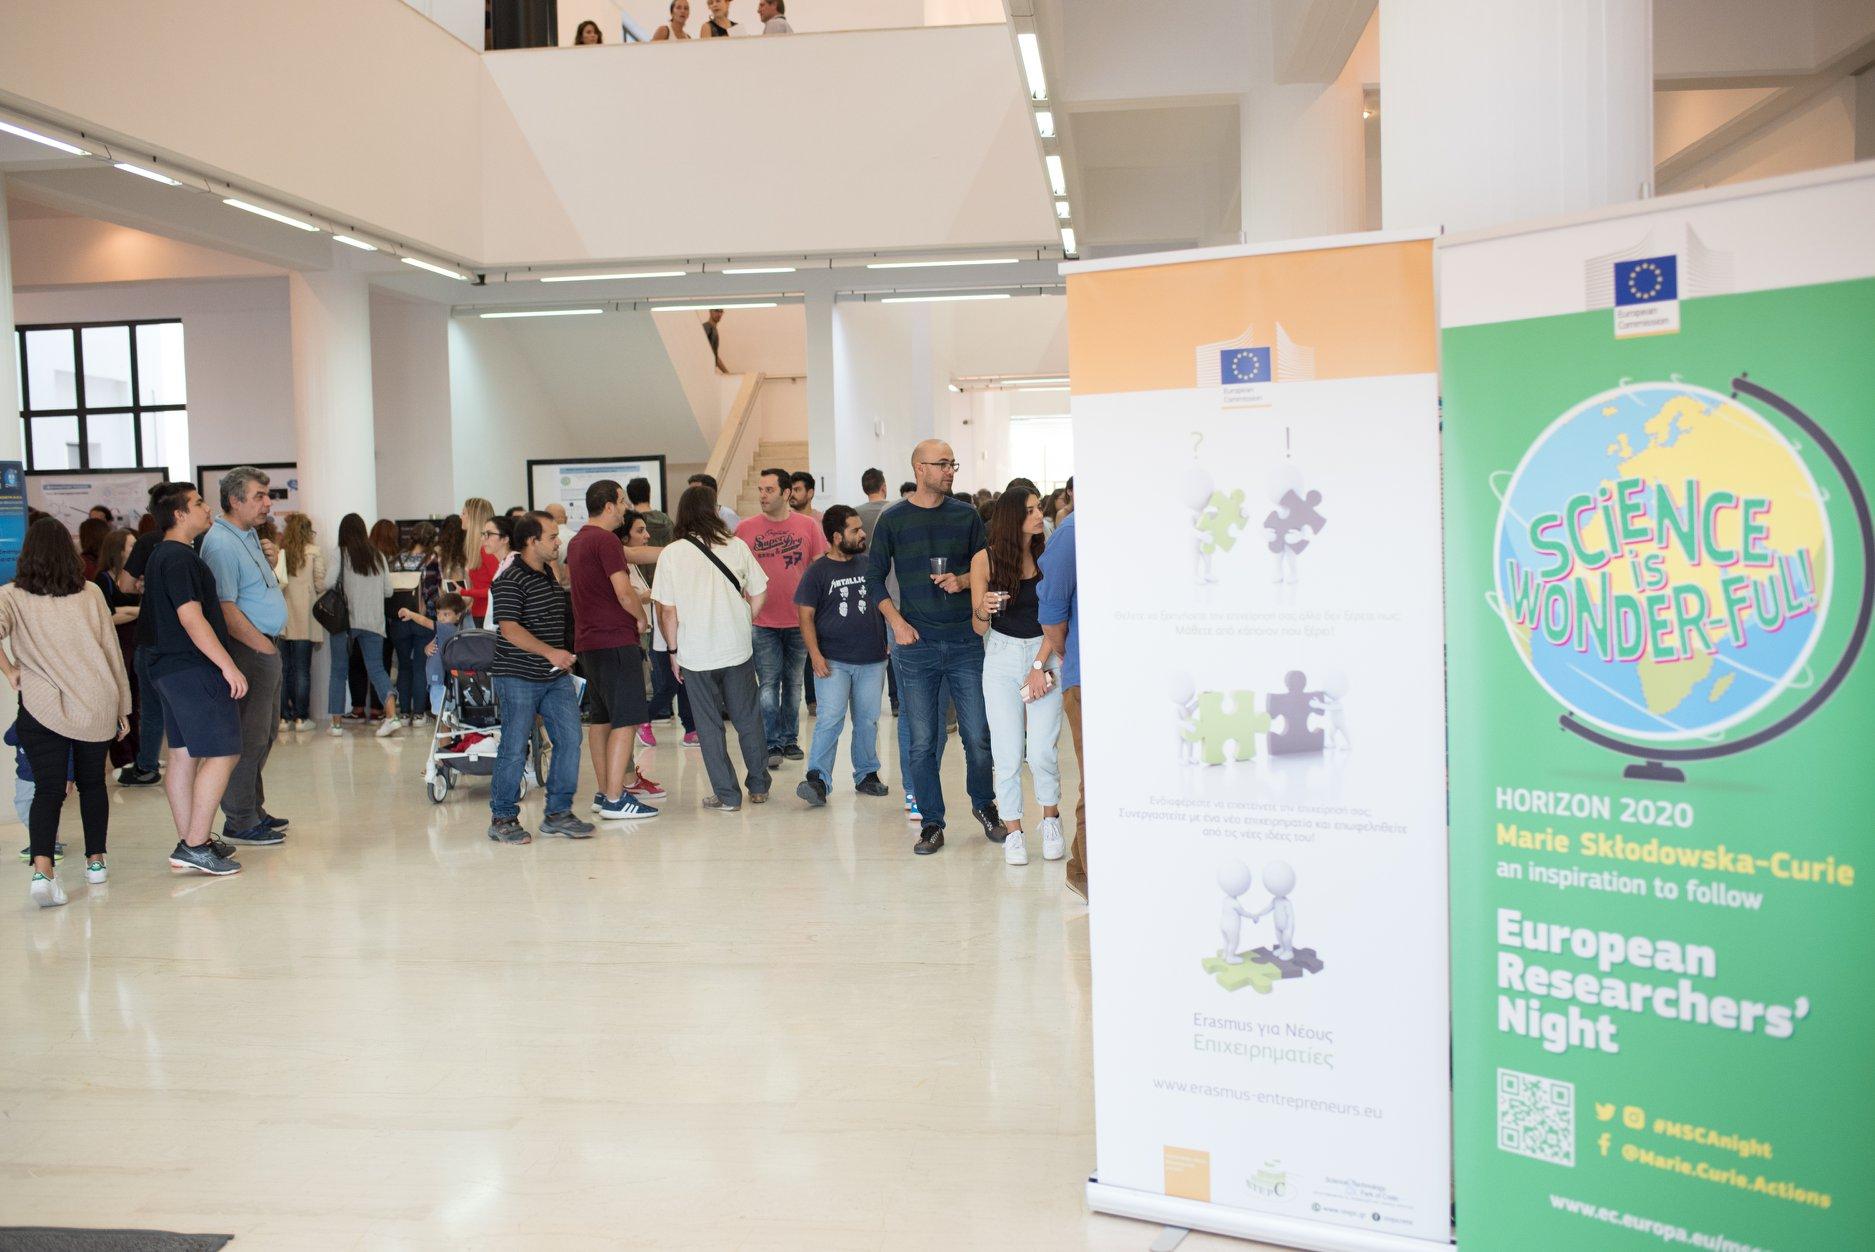 Βραδιά Ερευνητή ΙΤΕ 28.9.2018